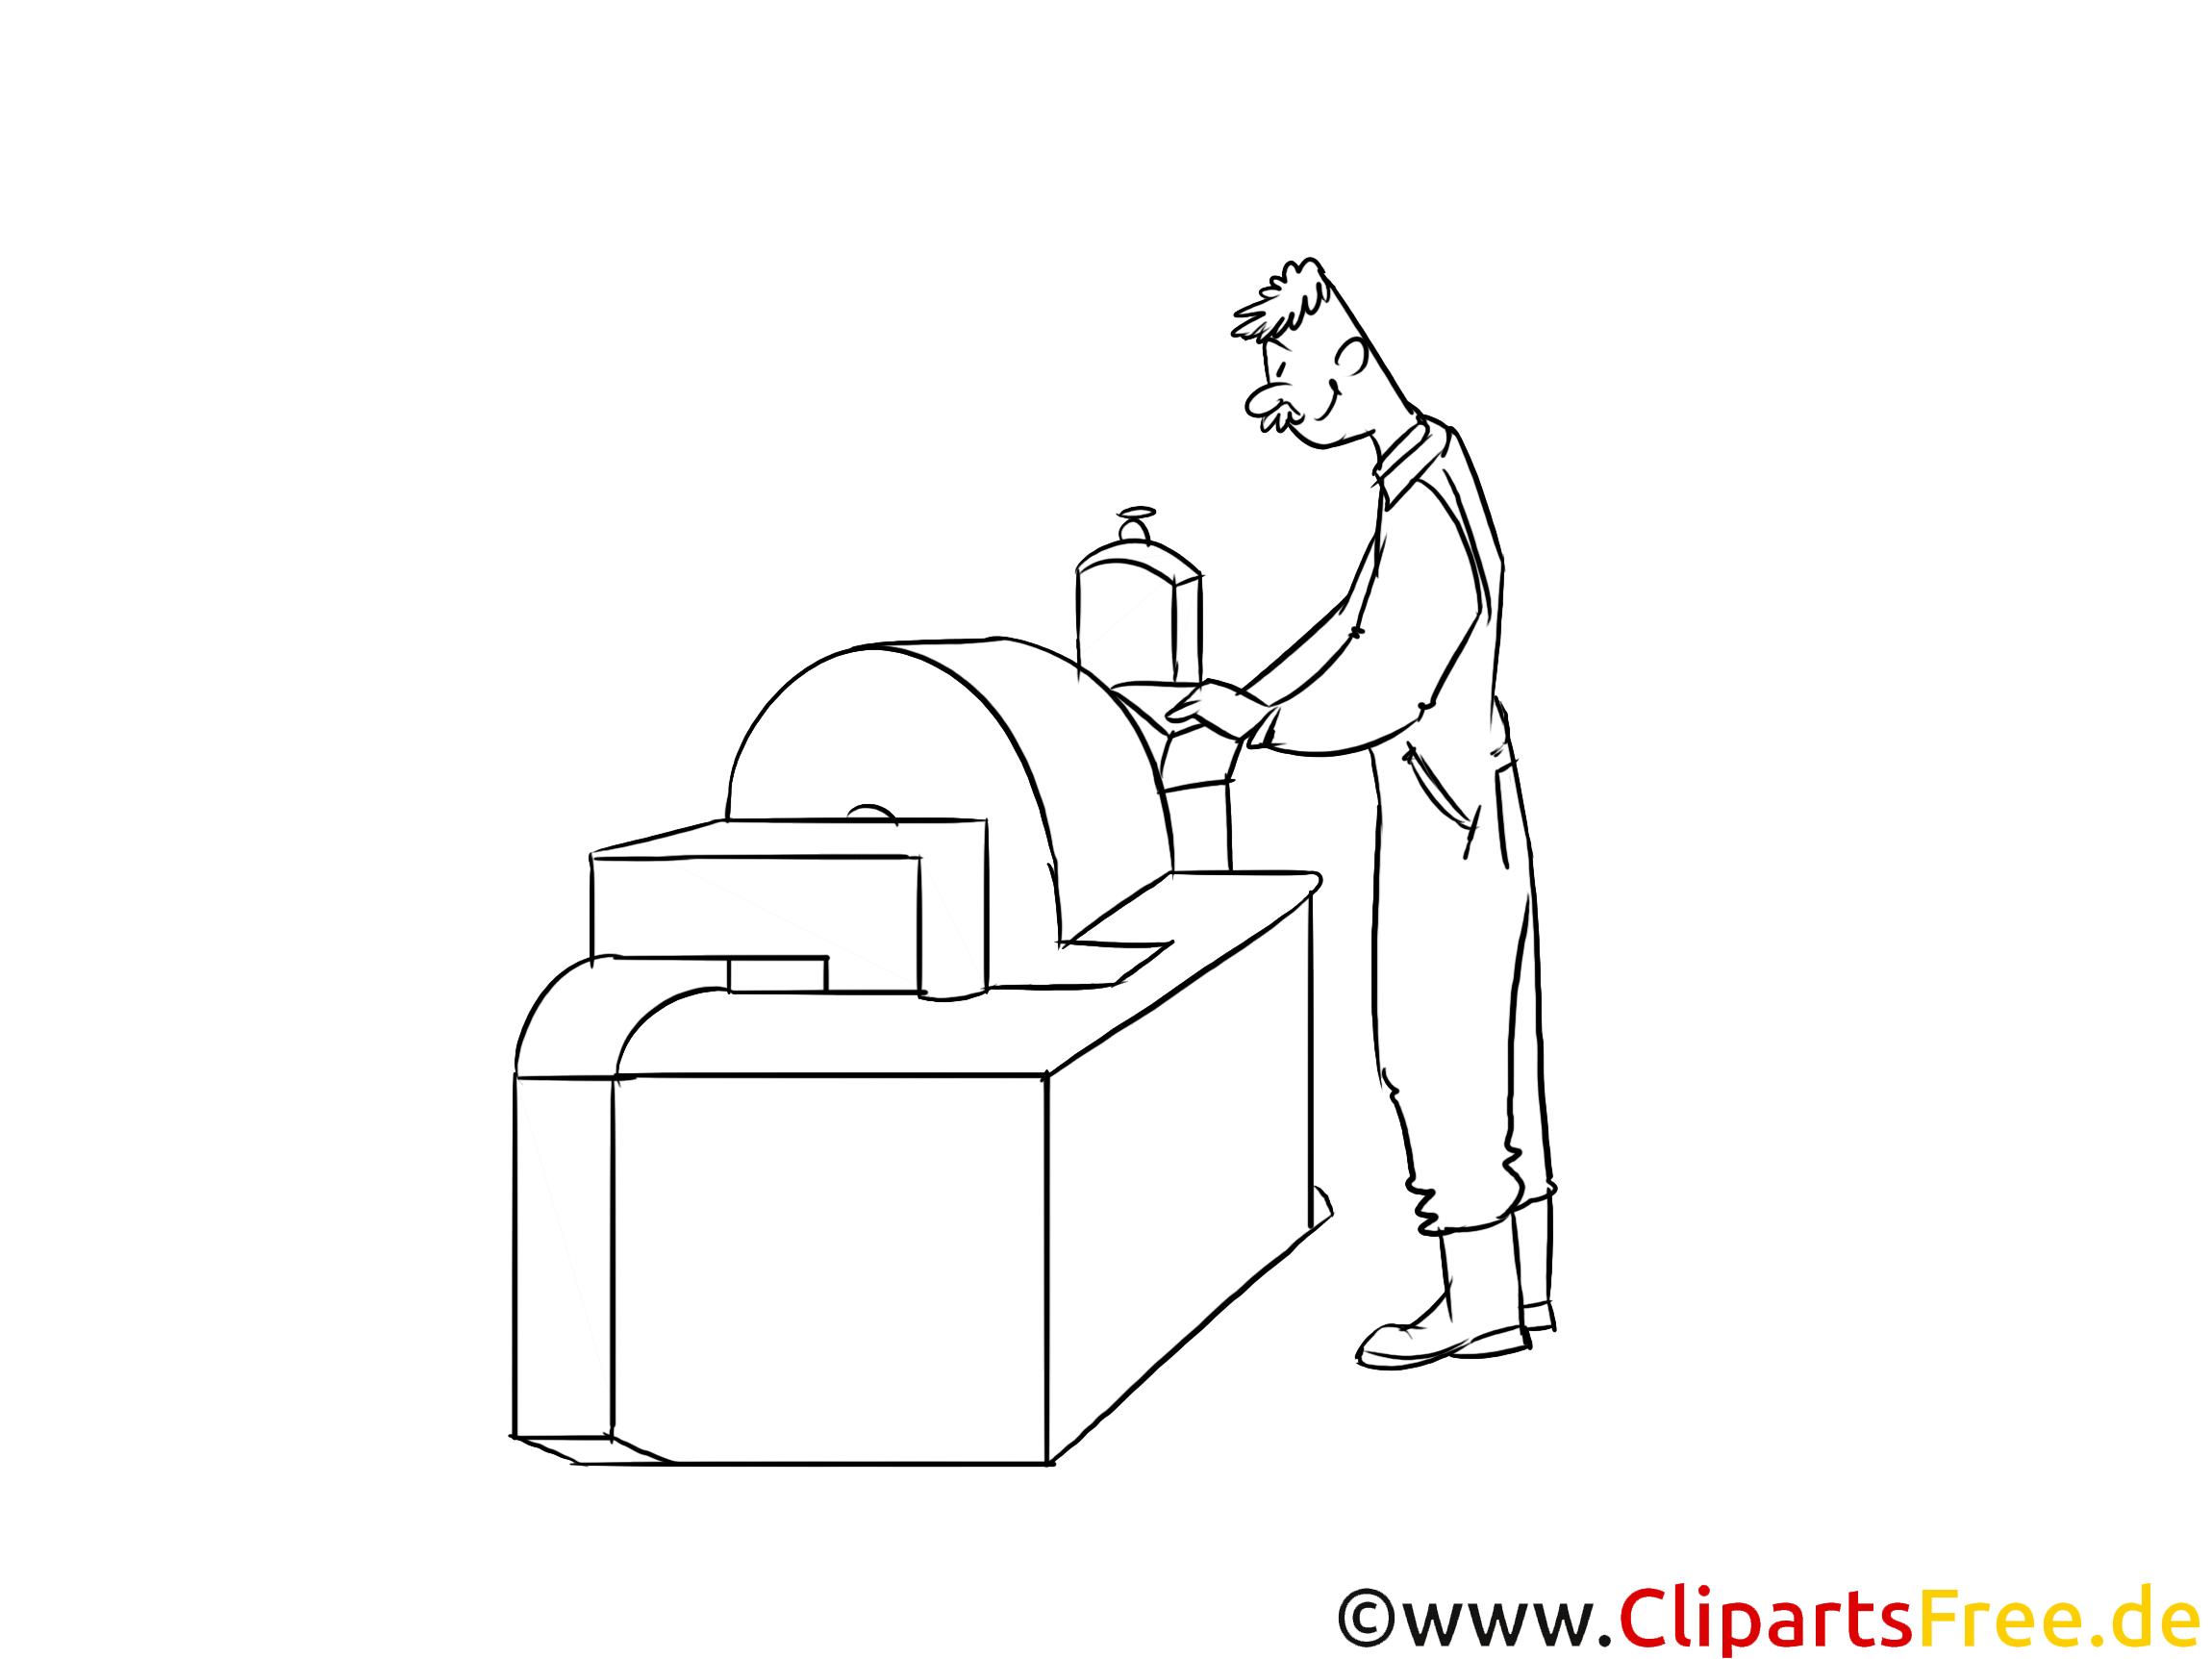 Verfahrensmechaniker Clipart, Grafik, Bild schwarz-weiß